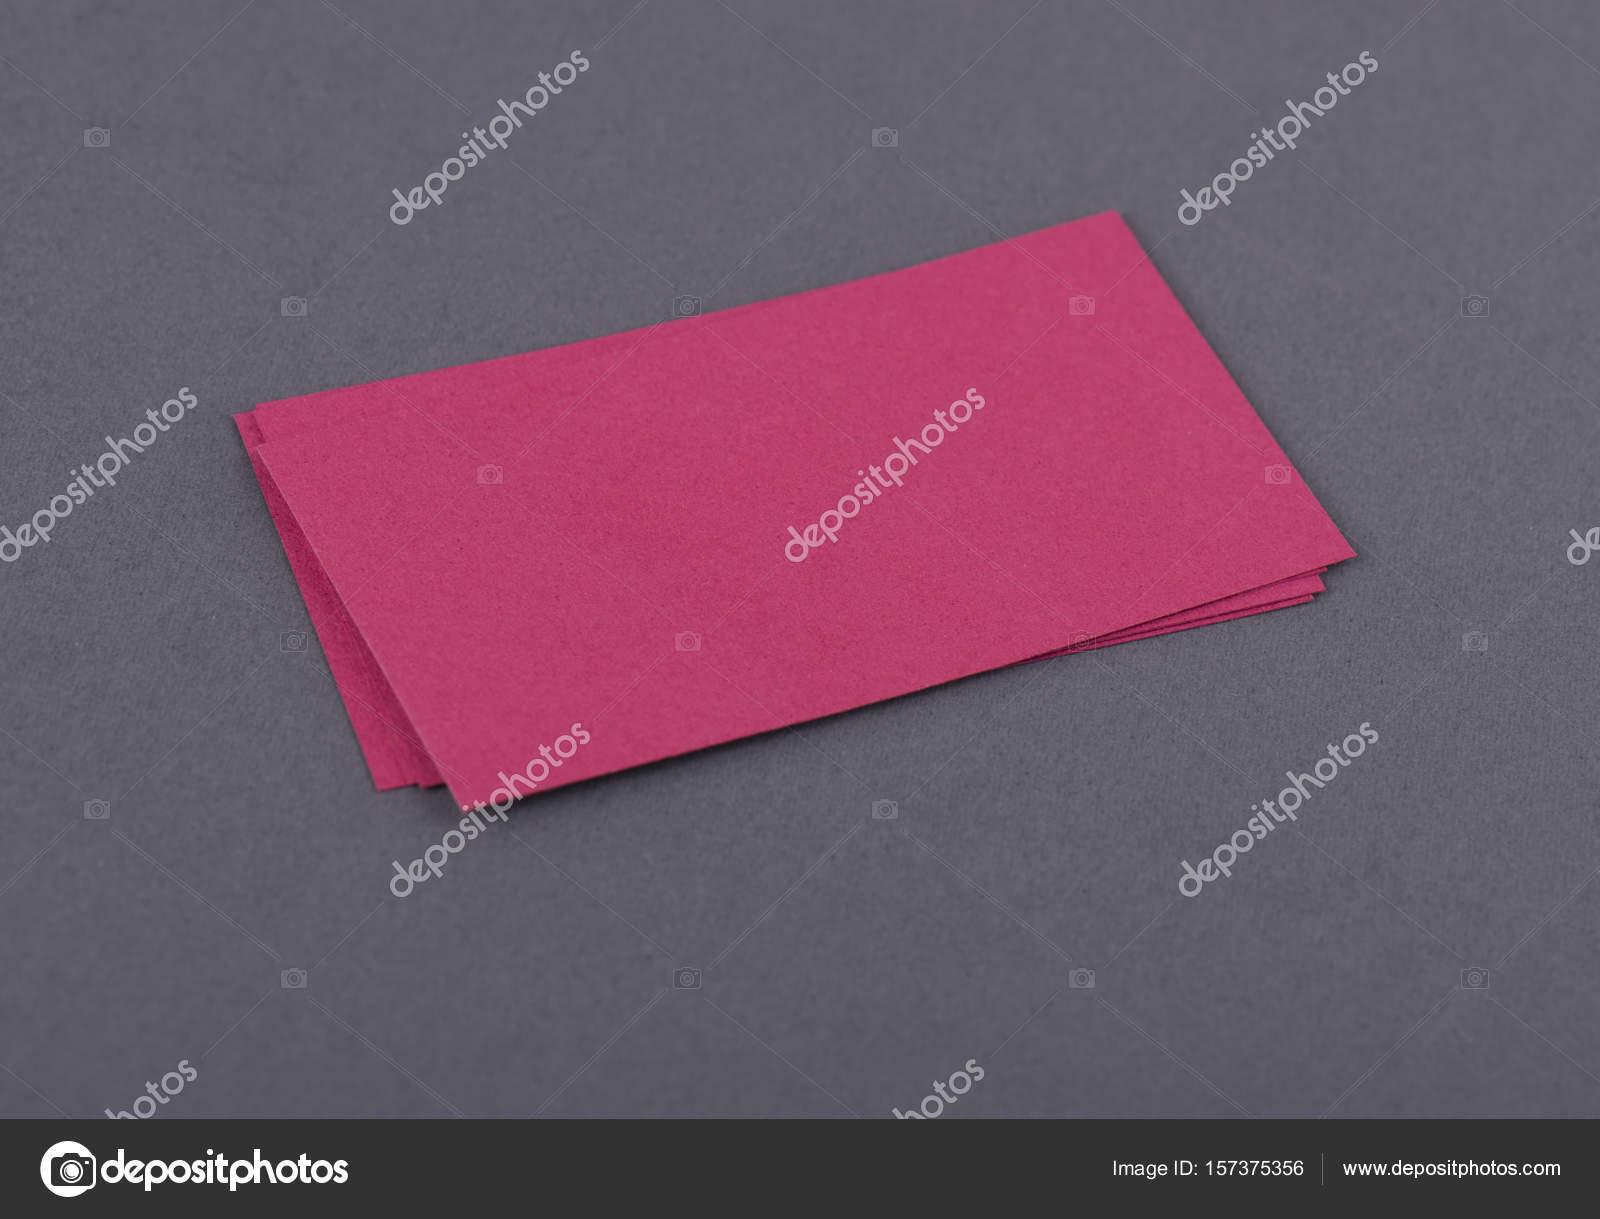 Maquette De Pile Fan Des Cartes Visite Rouge Sur Fond Papier Texture Noir